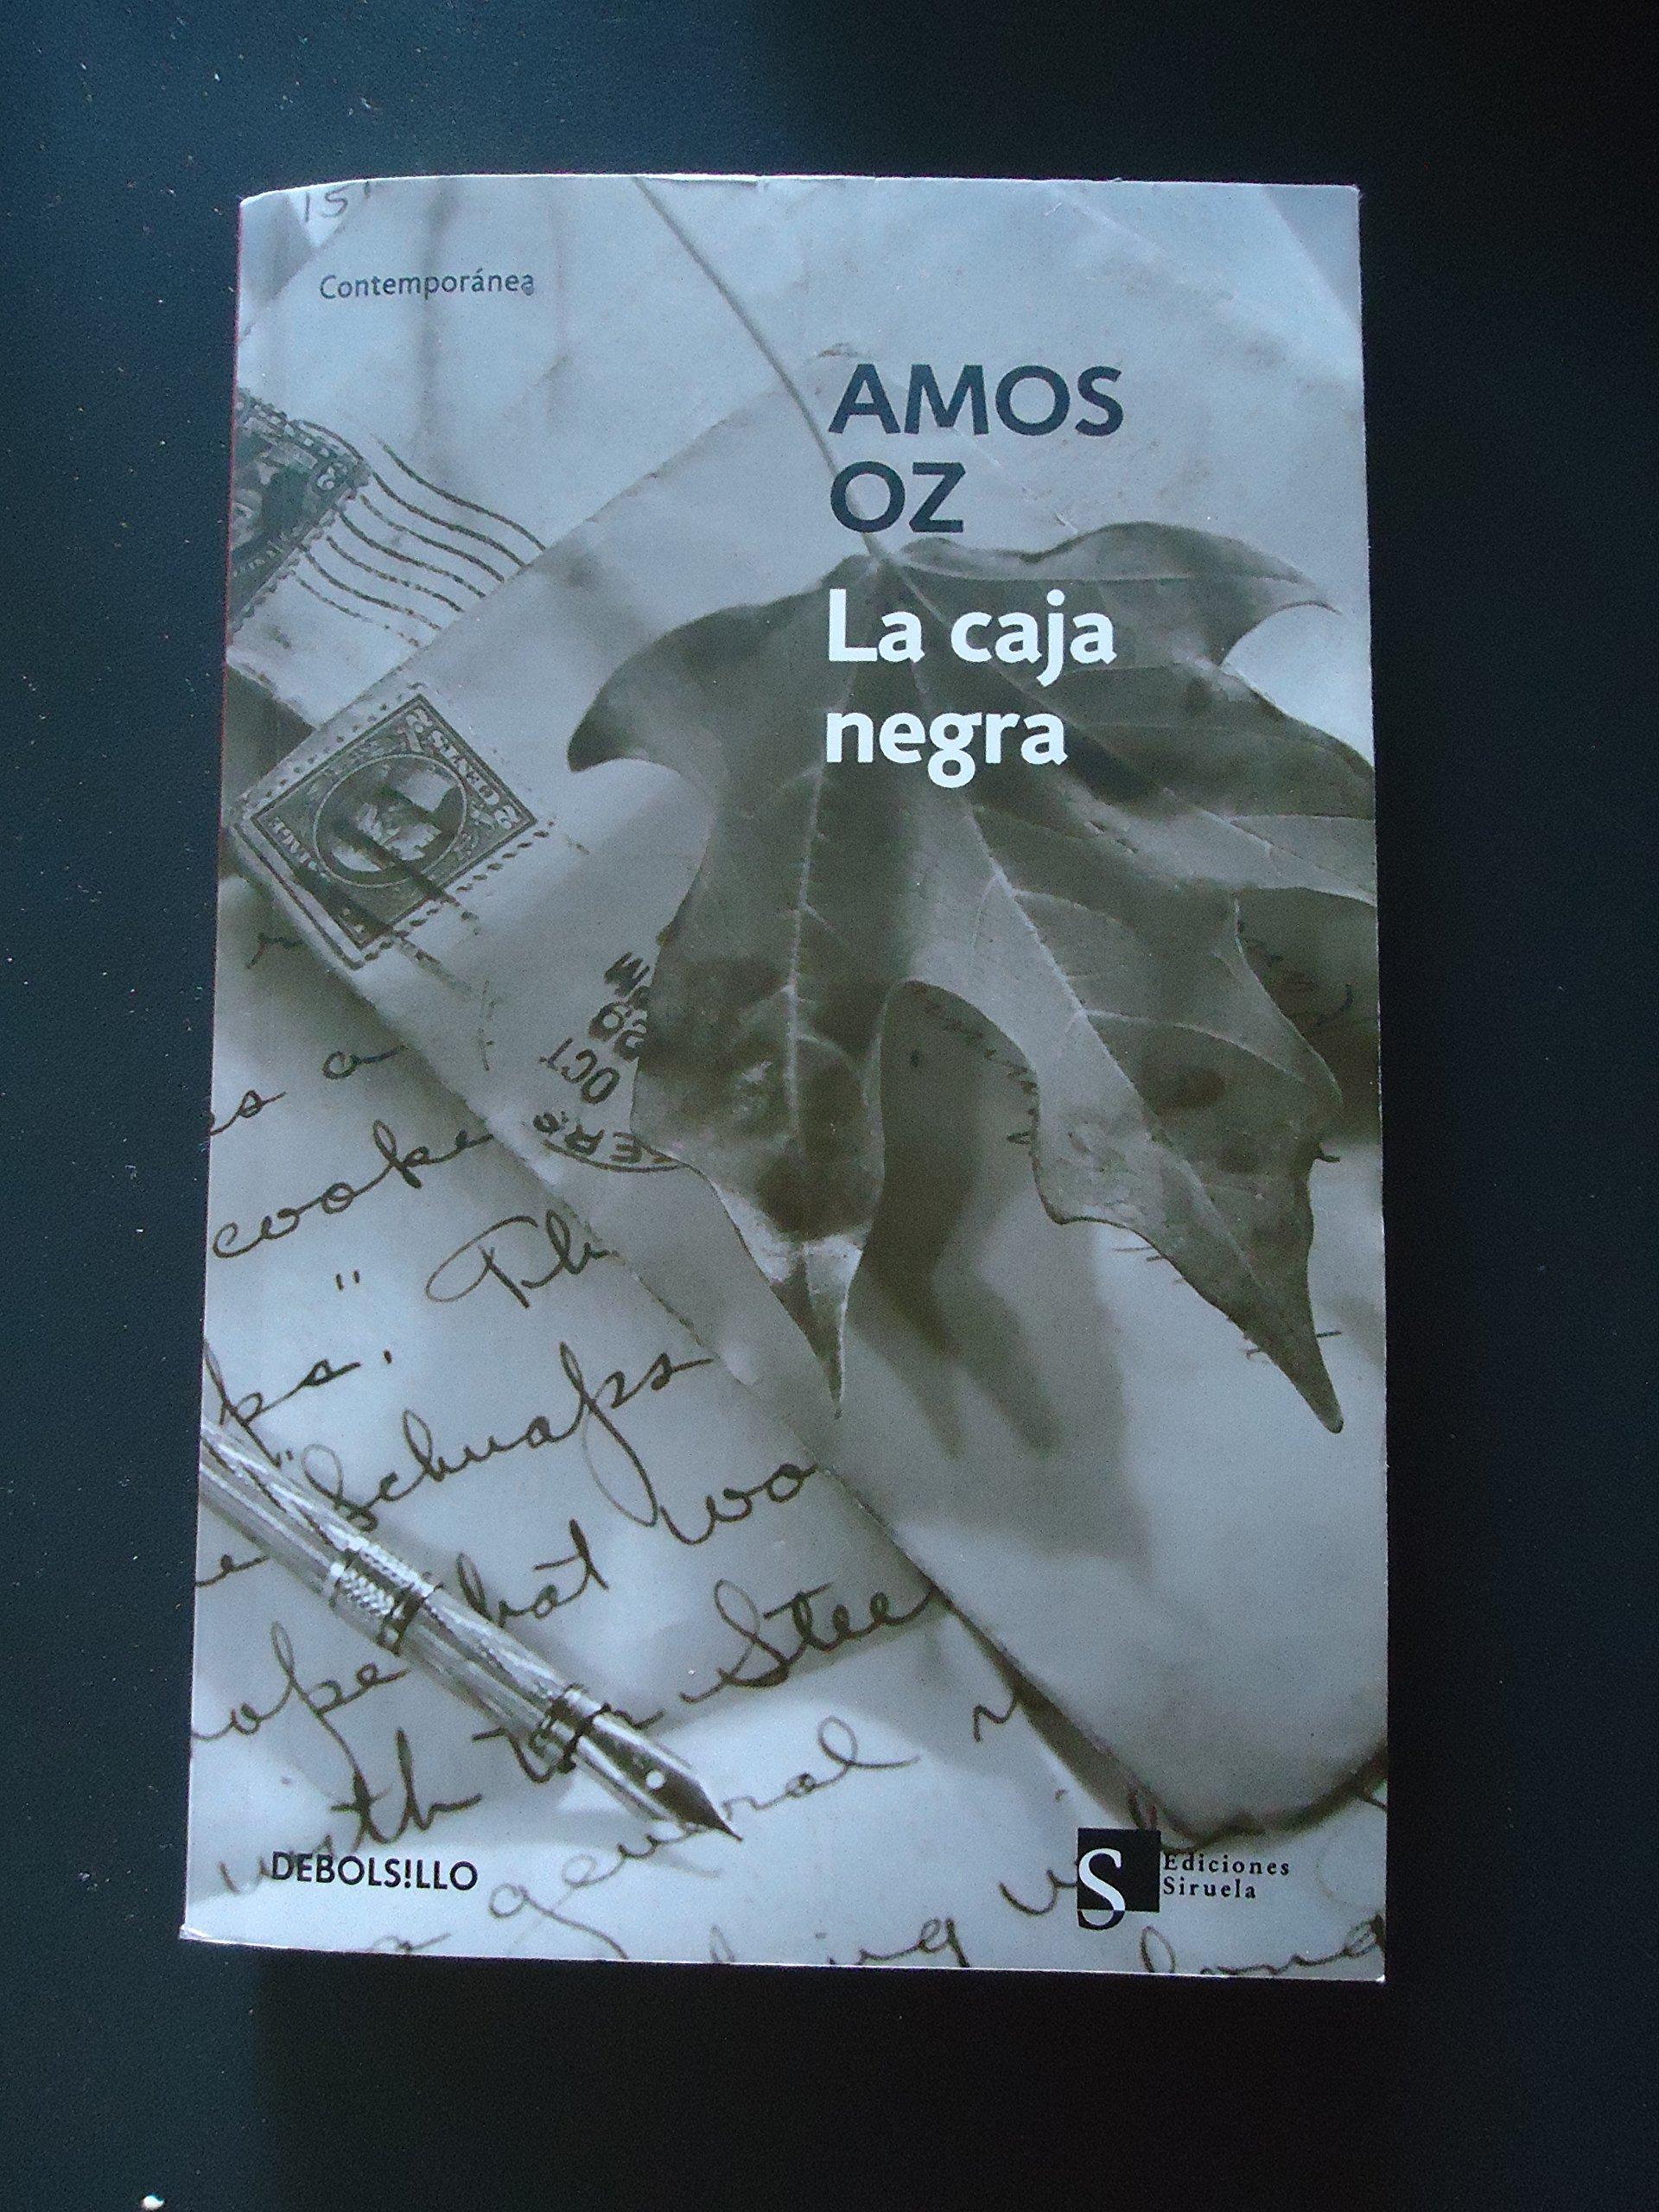 La caja negra: Amazon.es: Oz, Amos: Libros